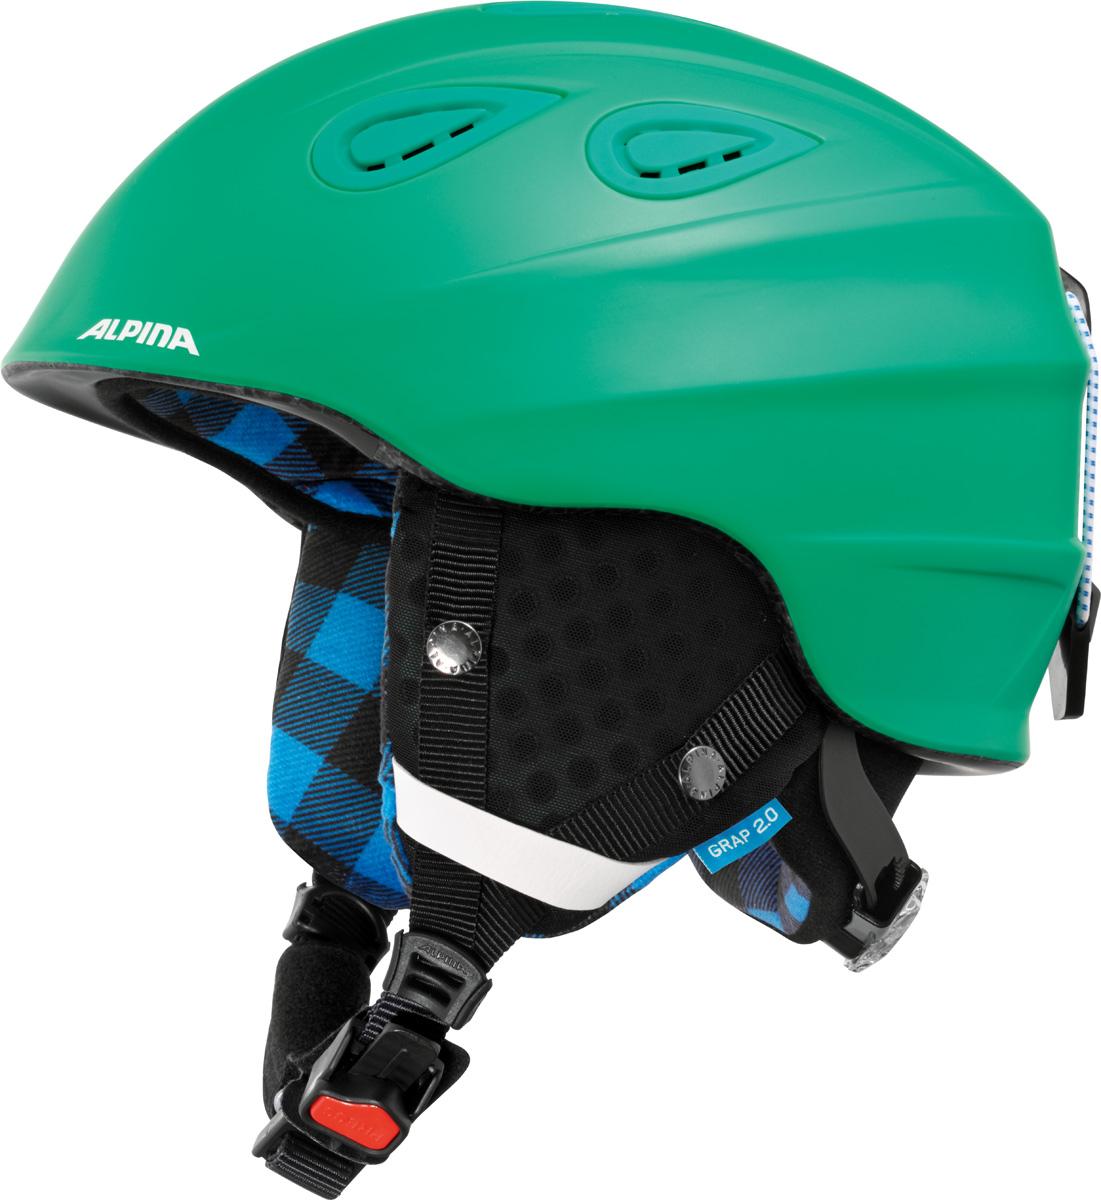 Шлем горнолыжный Alpina Grap 2.0, цвет: зеленый. A9085_72. Размер 57-61A9085_72Во всем мире популярность горнолыжного шлема Grap лишь набирает обороты. Alpina представляет обновленную версию самой продаваемой модели. Шлем Grap 2.0 сохранил отличительные особенности предыдущей модели и приобрел новые, за которые его выбирают райдеры по всему миру. Универсальность, легкость и прочность сделали его обязательным элементом экипировки любителей горнолыжного спорта. Модель также представлена в детской линейке шлемов.Технологии:• Конструкция In-Mold - соединение внутреннего слоя из EPS (вспененного полистирола) с внешним покрытием под большим давлением в условиях высокой температуры. В результате внешняя поликарбонатная оболочка сохраняет форму конструкции, предотвращая поломку и попадание осколков внутрь шлема, а внутренний слой Hi-EPS, состоящий из множества наполненных воздухом гранул, амортизирует ударную волну, защищая голову райдера от повреждений.• Внешнее покрытие Ceramic Shell обеспечивает повышенную ударопрочность и износостойкость, а также обладает защитой от УФ-излучений, препятствующей выгоранию на солнце, и антистатичными свойствами.• Съемный внутренний тканевый слой. Подкладку можно постирать и легко вставить обратно. Своевременный уход за «внутренником» предотвращает появление неприятного запаха.• Вентиляционная система с раздвижным механизмом с возможностью регулировки интенсивности потока воздуха.• Классическая система регулировки в шлемах Alpina Run System с регулировочным кольцом на затылке позволяет быстро и легко подобрать оптимальную и комфортную плотность посадки на голове.• Съемные ушки согревают в холодную погоду, а в теплую компактно хранятся в кармане куртки.• Шейный воротник из микрофлиса в задней части шлема быстро согревает и не давит на шею.• Ремешок фиксируется кнопкой с запирающим механизмом. Застежка максимально удобна для использования в перчатках.• Система Edge Protect в конструкции шлема защищает голову горнолыжника при боковом ударе.• 